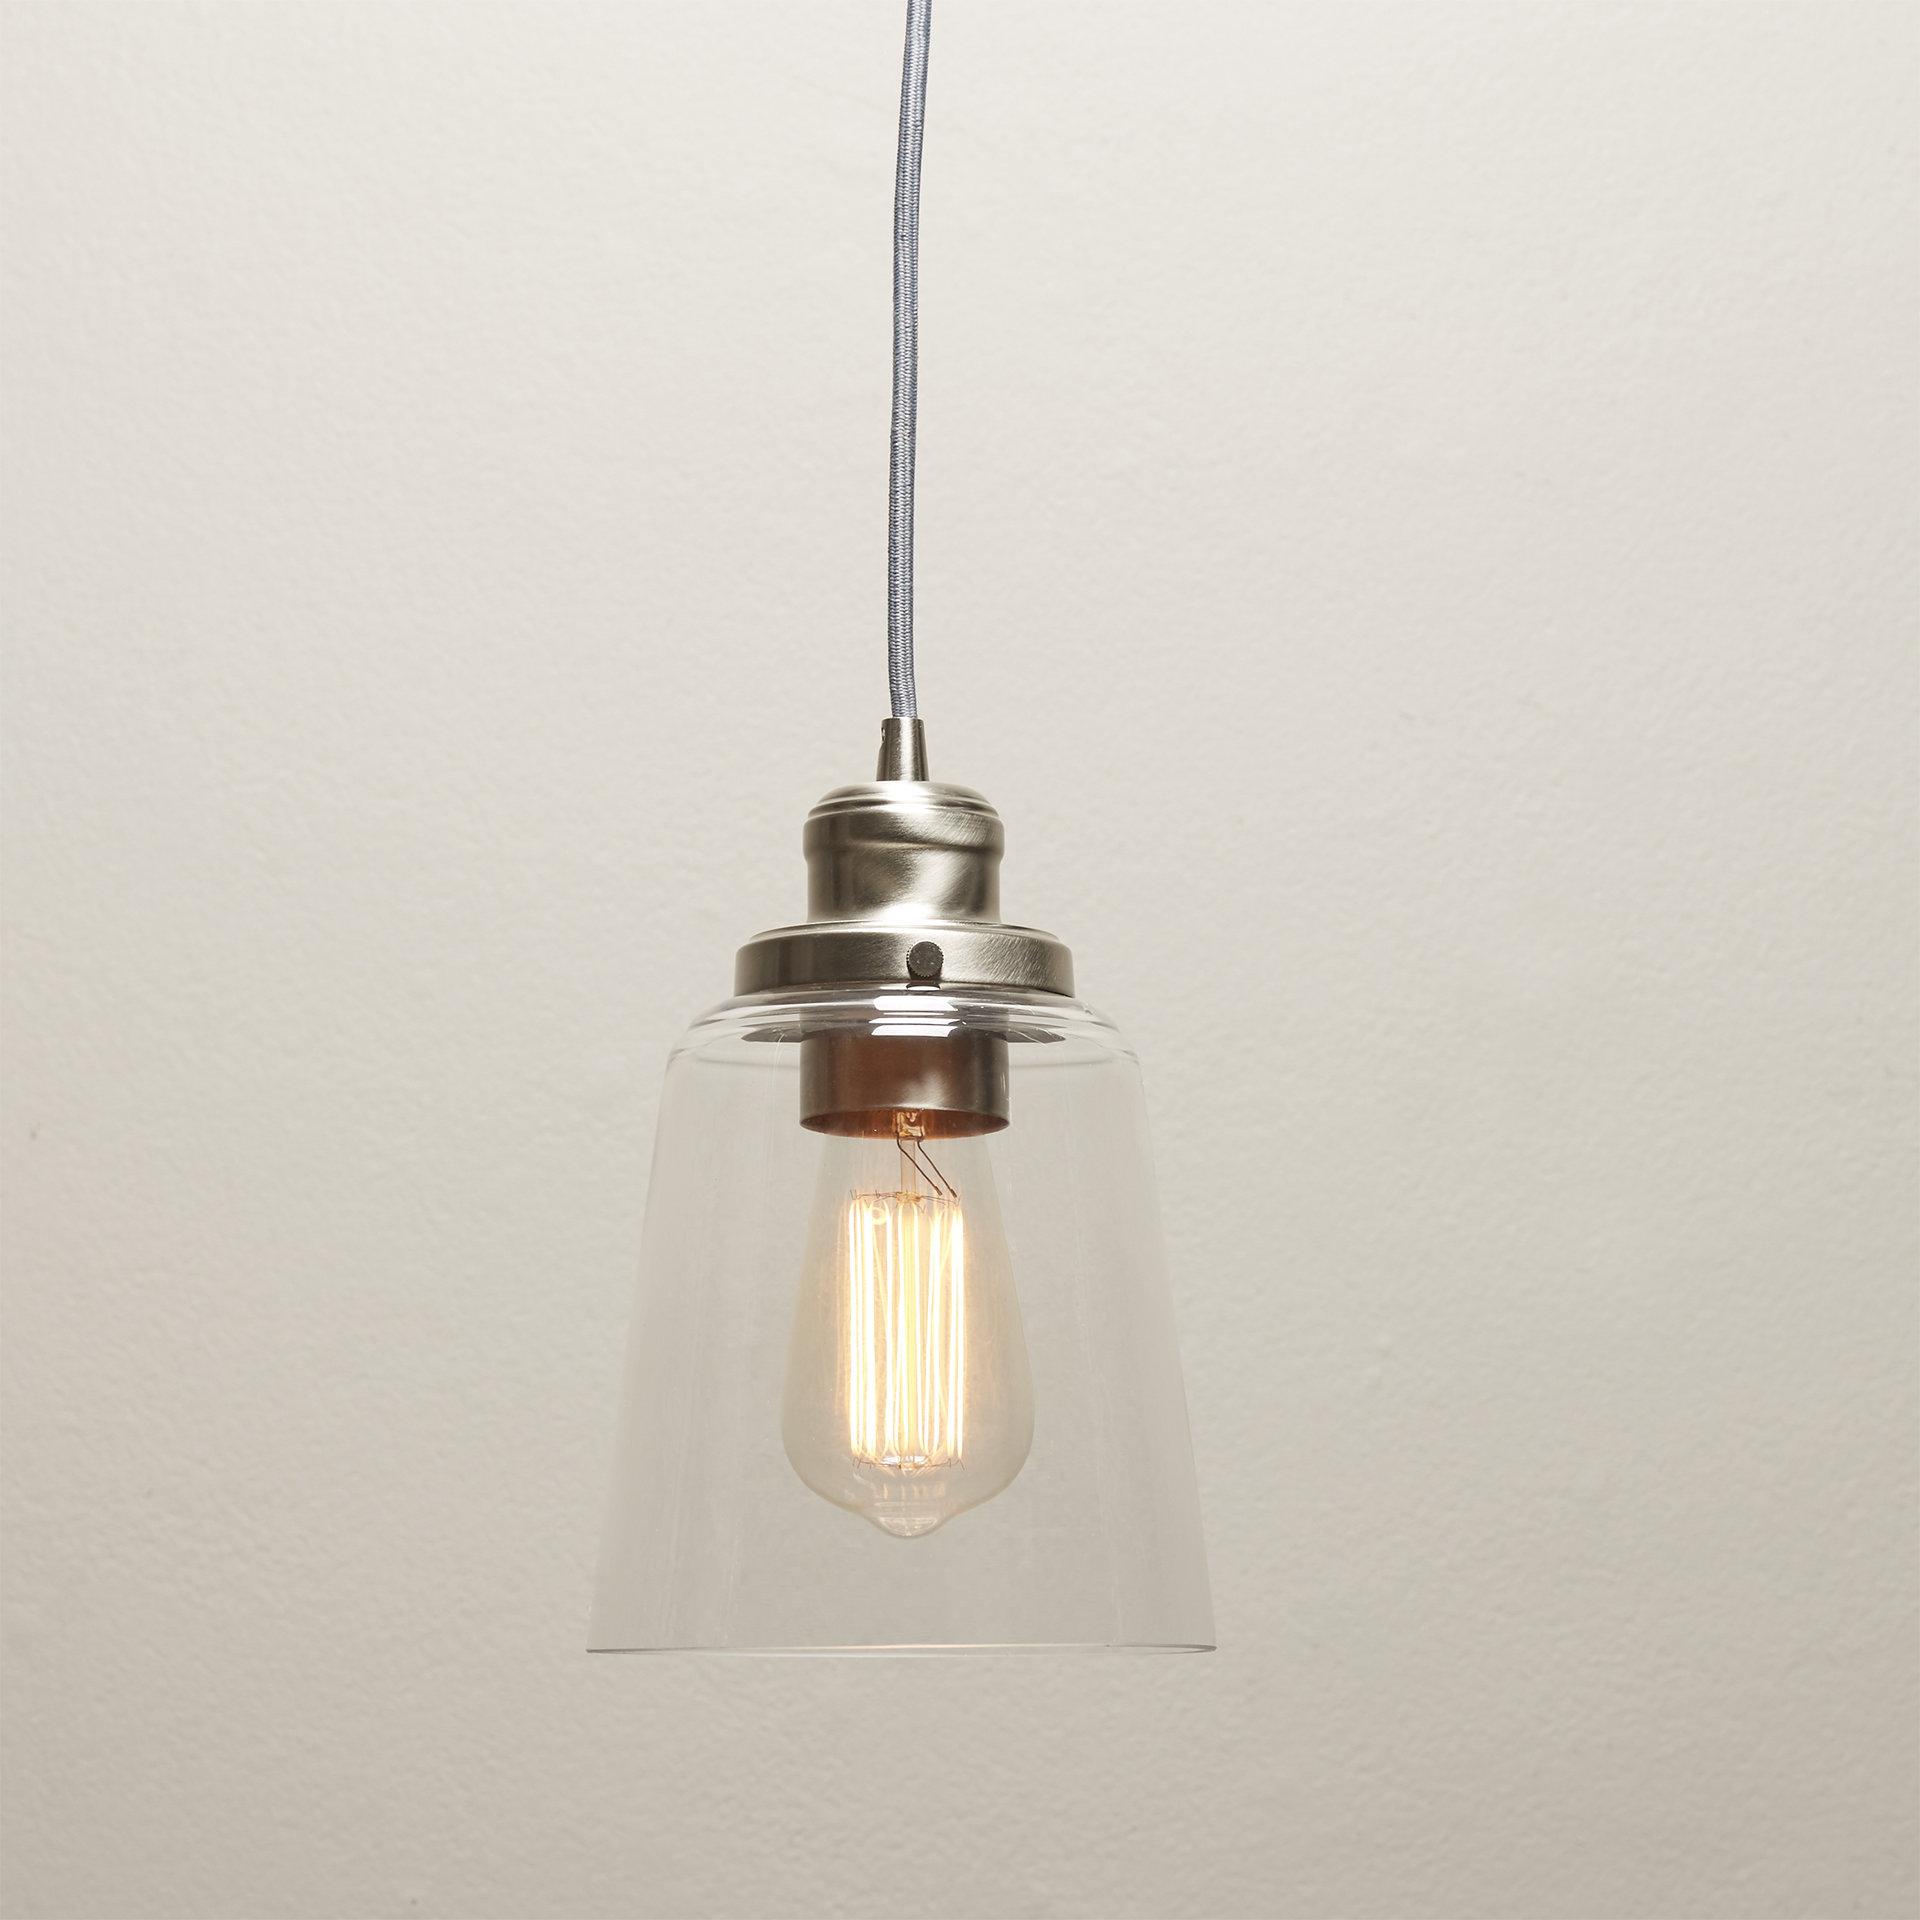 1 Light Single Bell Pendant For Preferred Bundaberg 1 Light Single Bell Pendants (View 1 of 20)